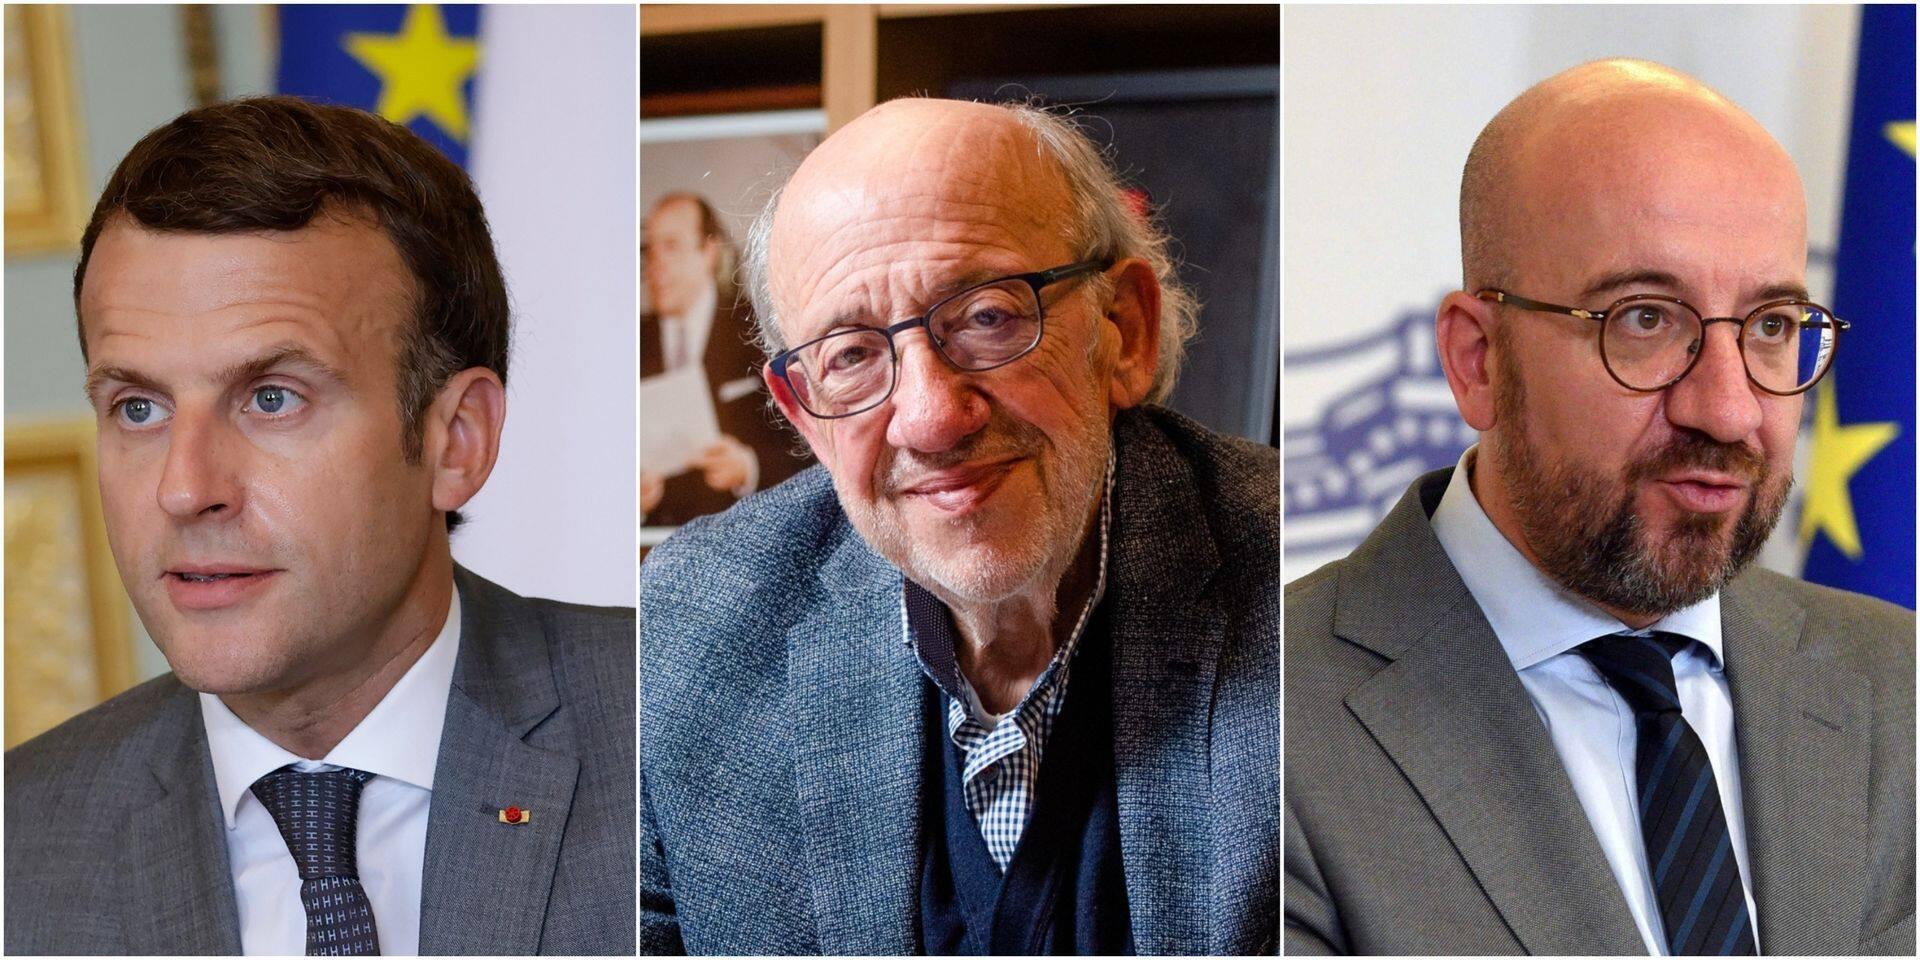 Charles et Louis Michel, Emmanuel Macron, Eric Zemmour: de nouveaux noms de la liste de cibles potentielles du logiciel espion Pegasus révélés